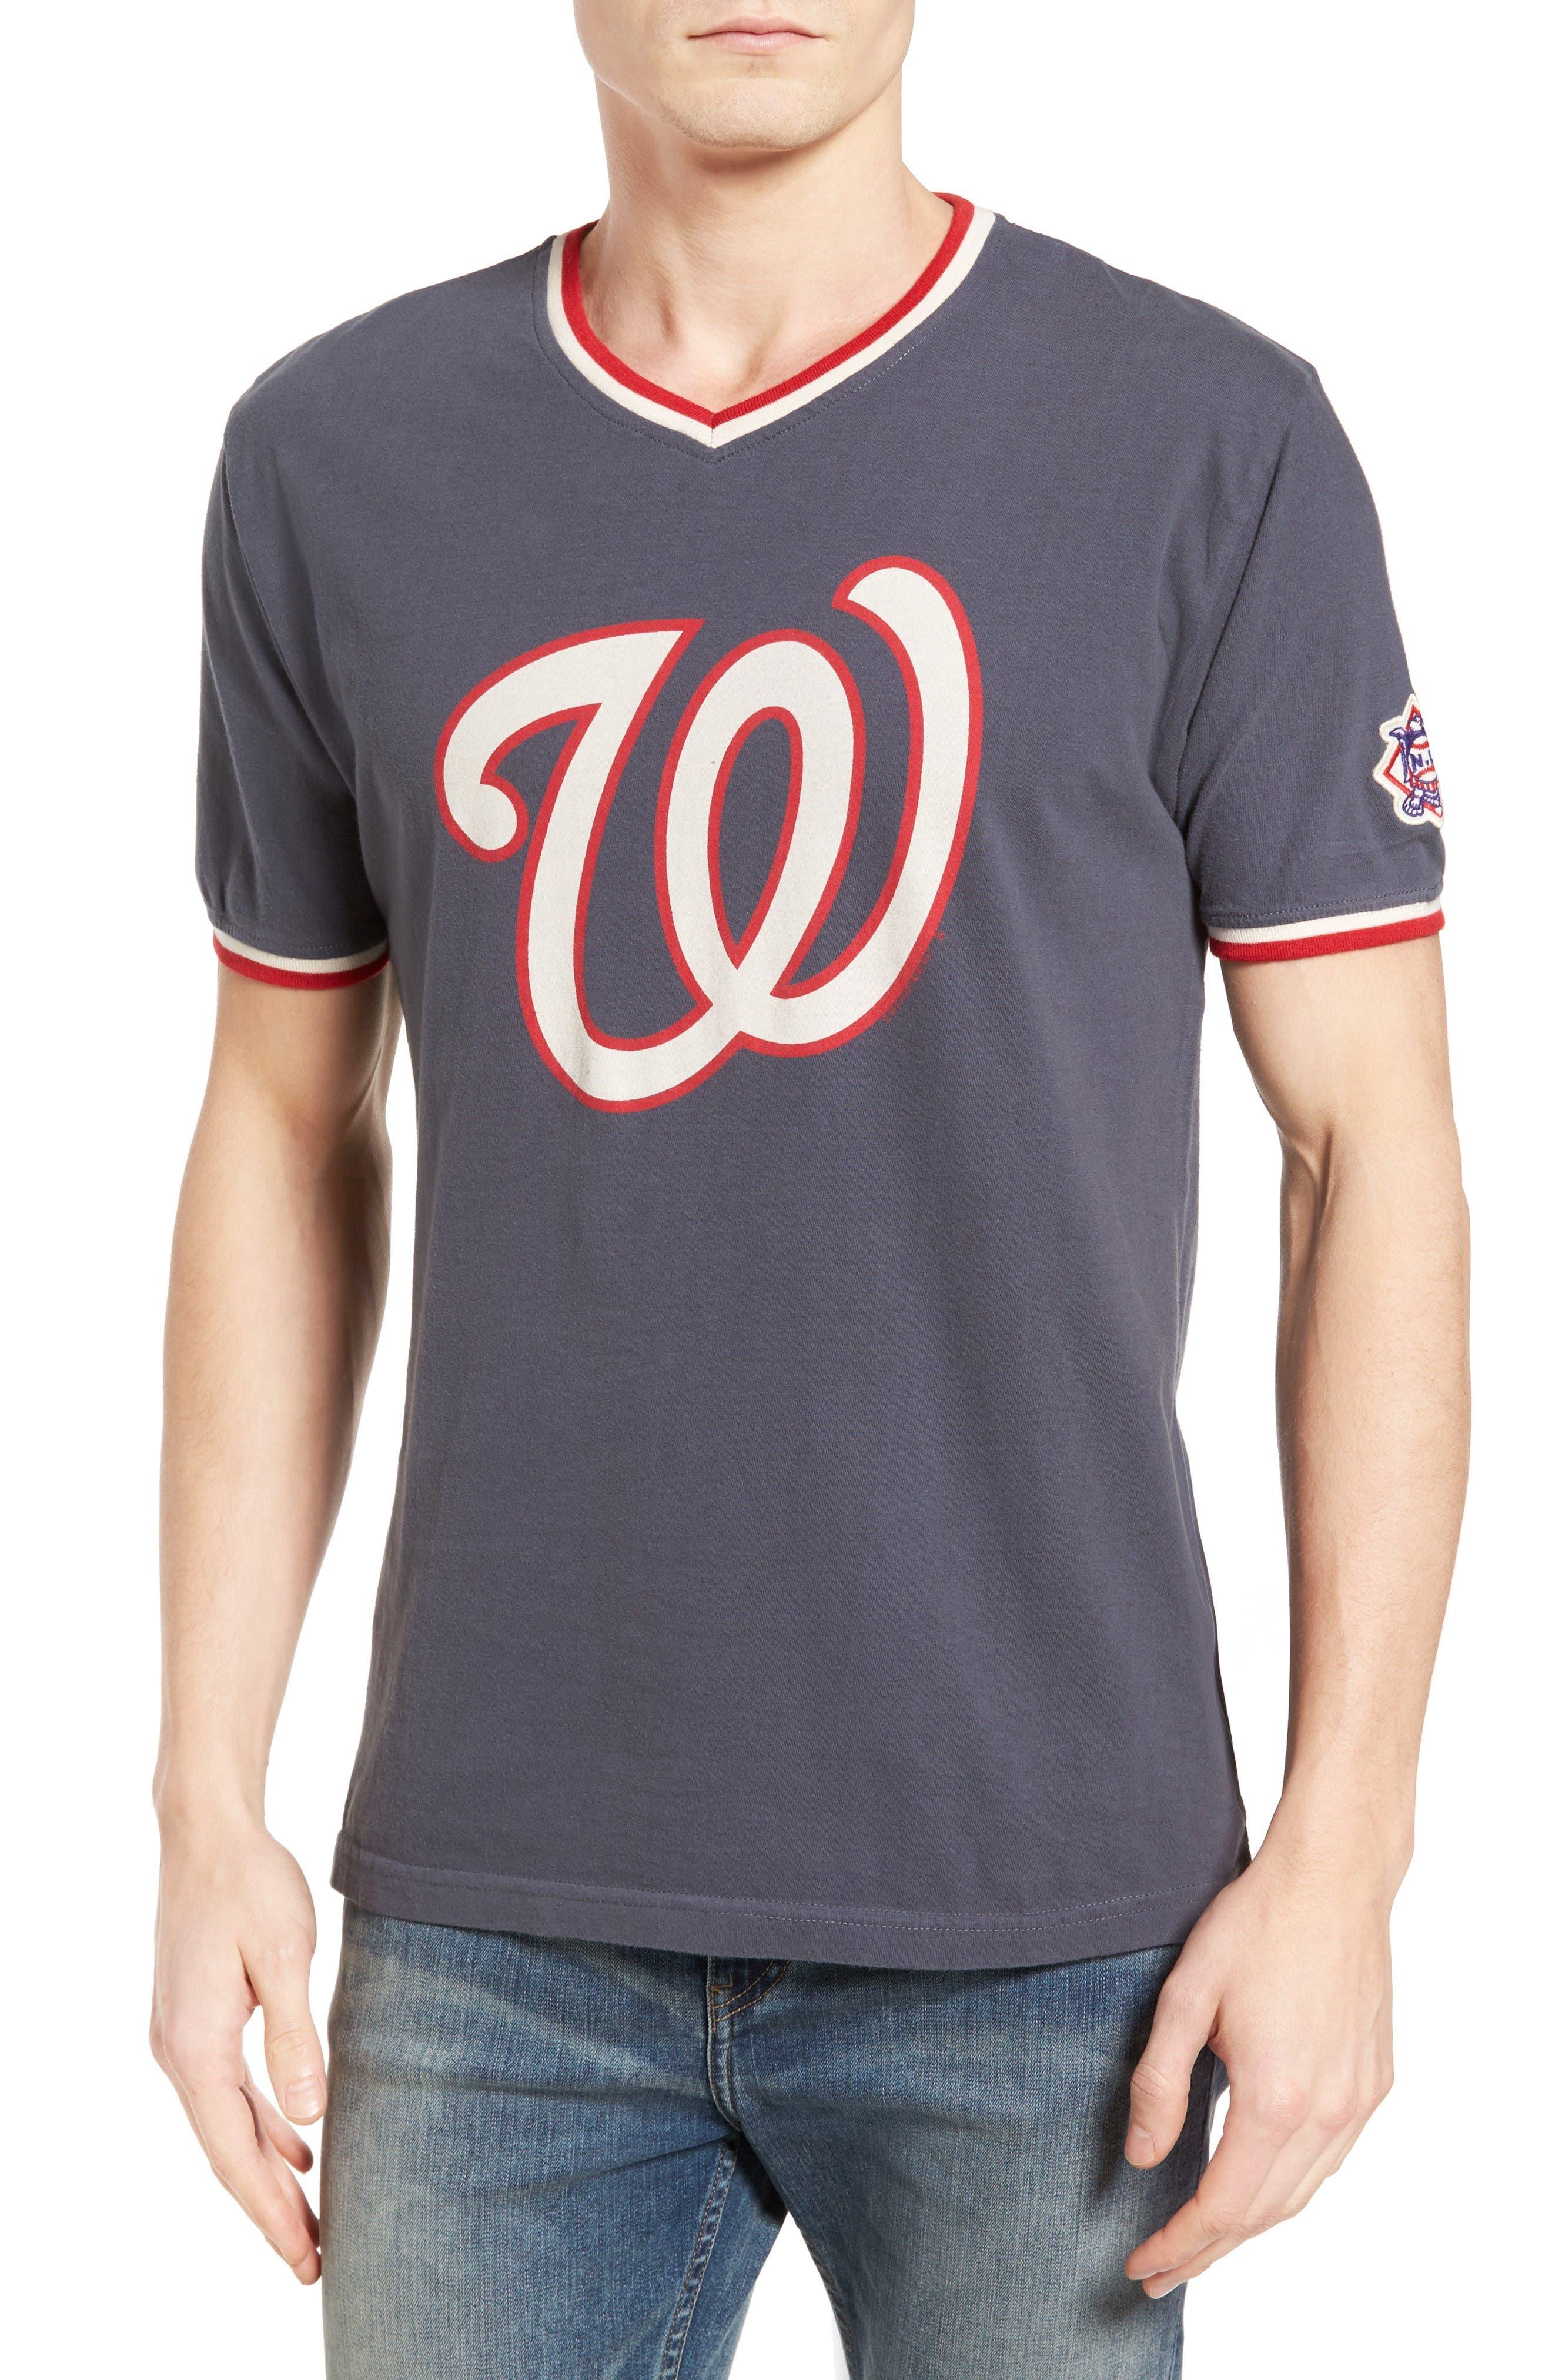 Main Image - American Needle Eastwood Washington Nationals T-Shirt